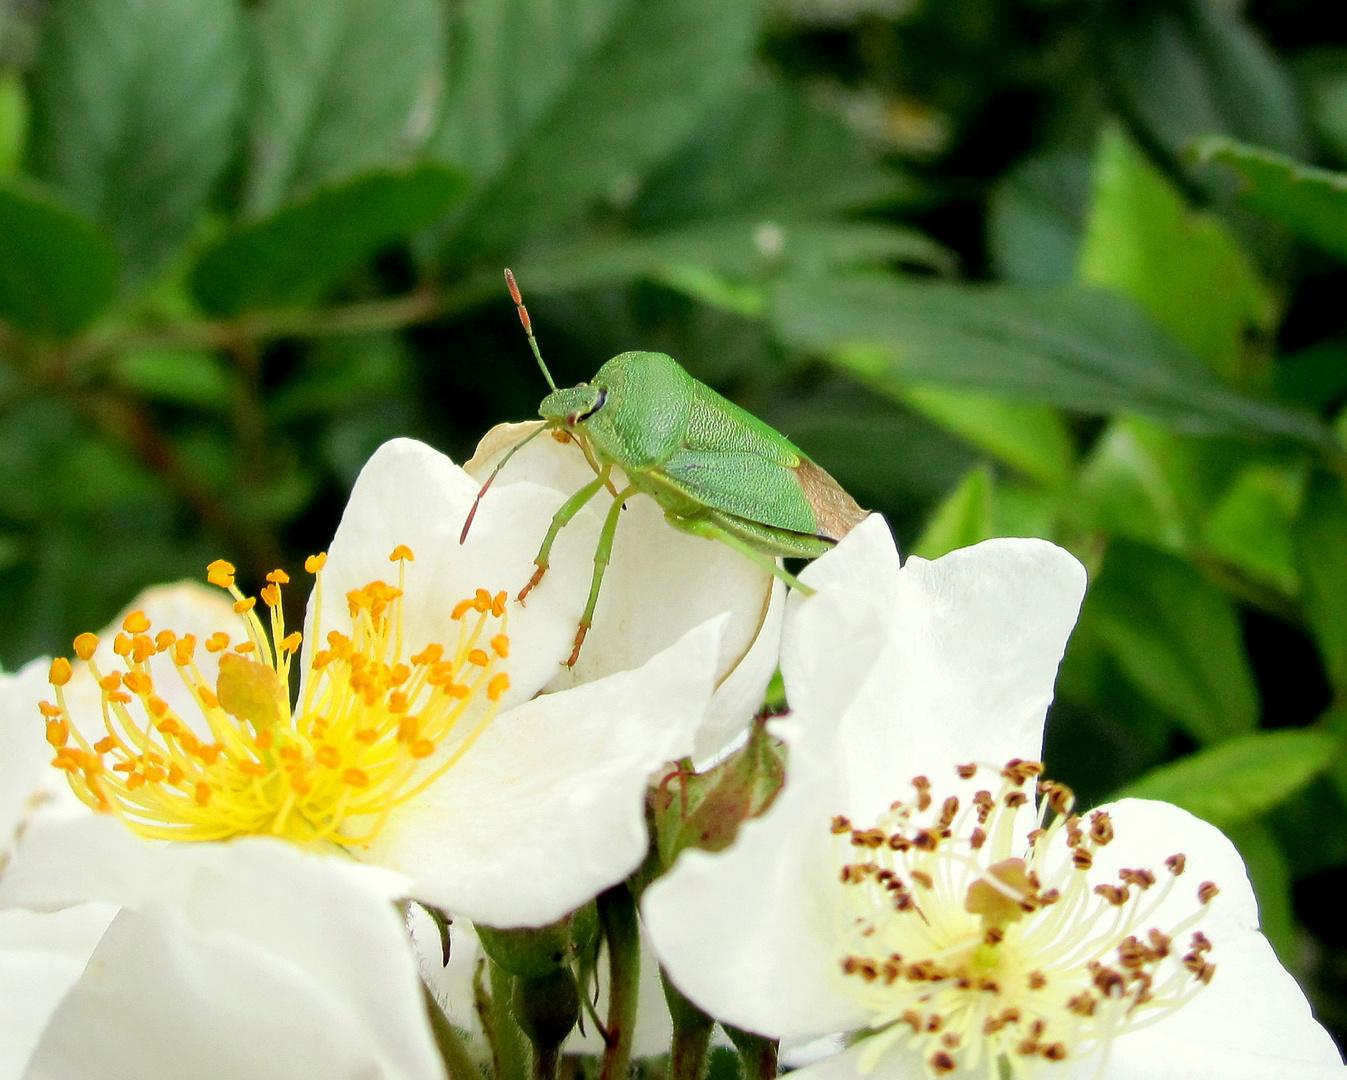 Käfer auf Blüte